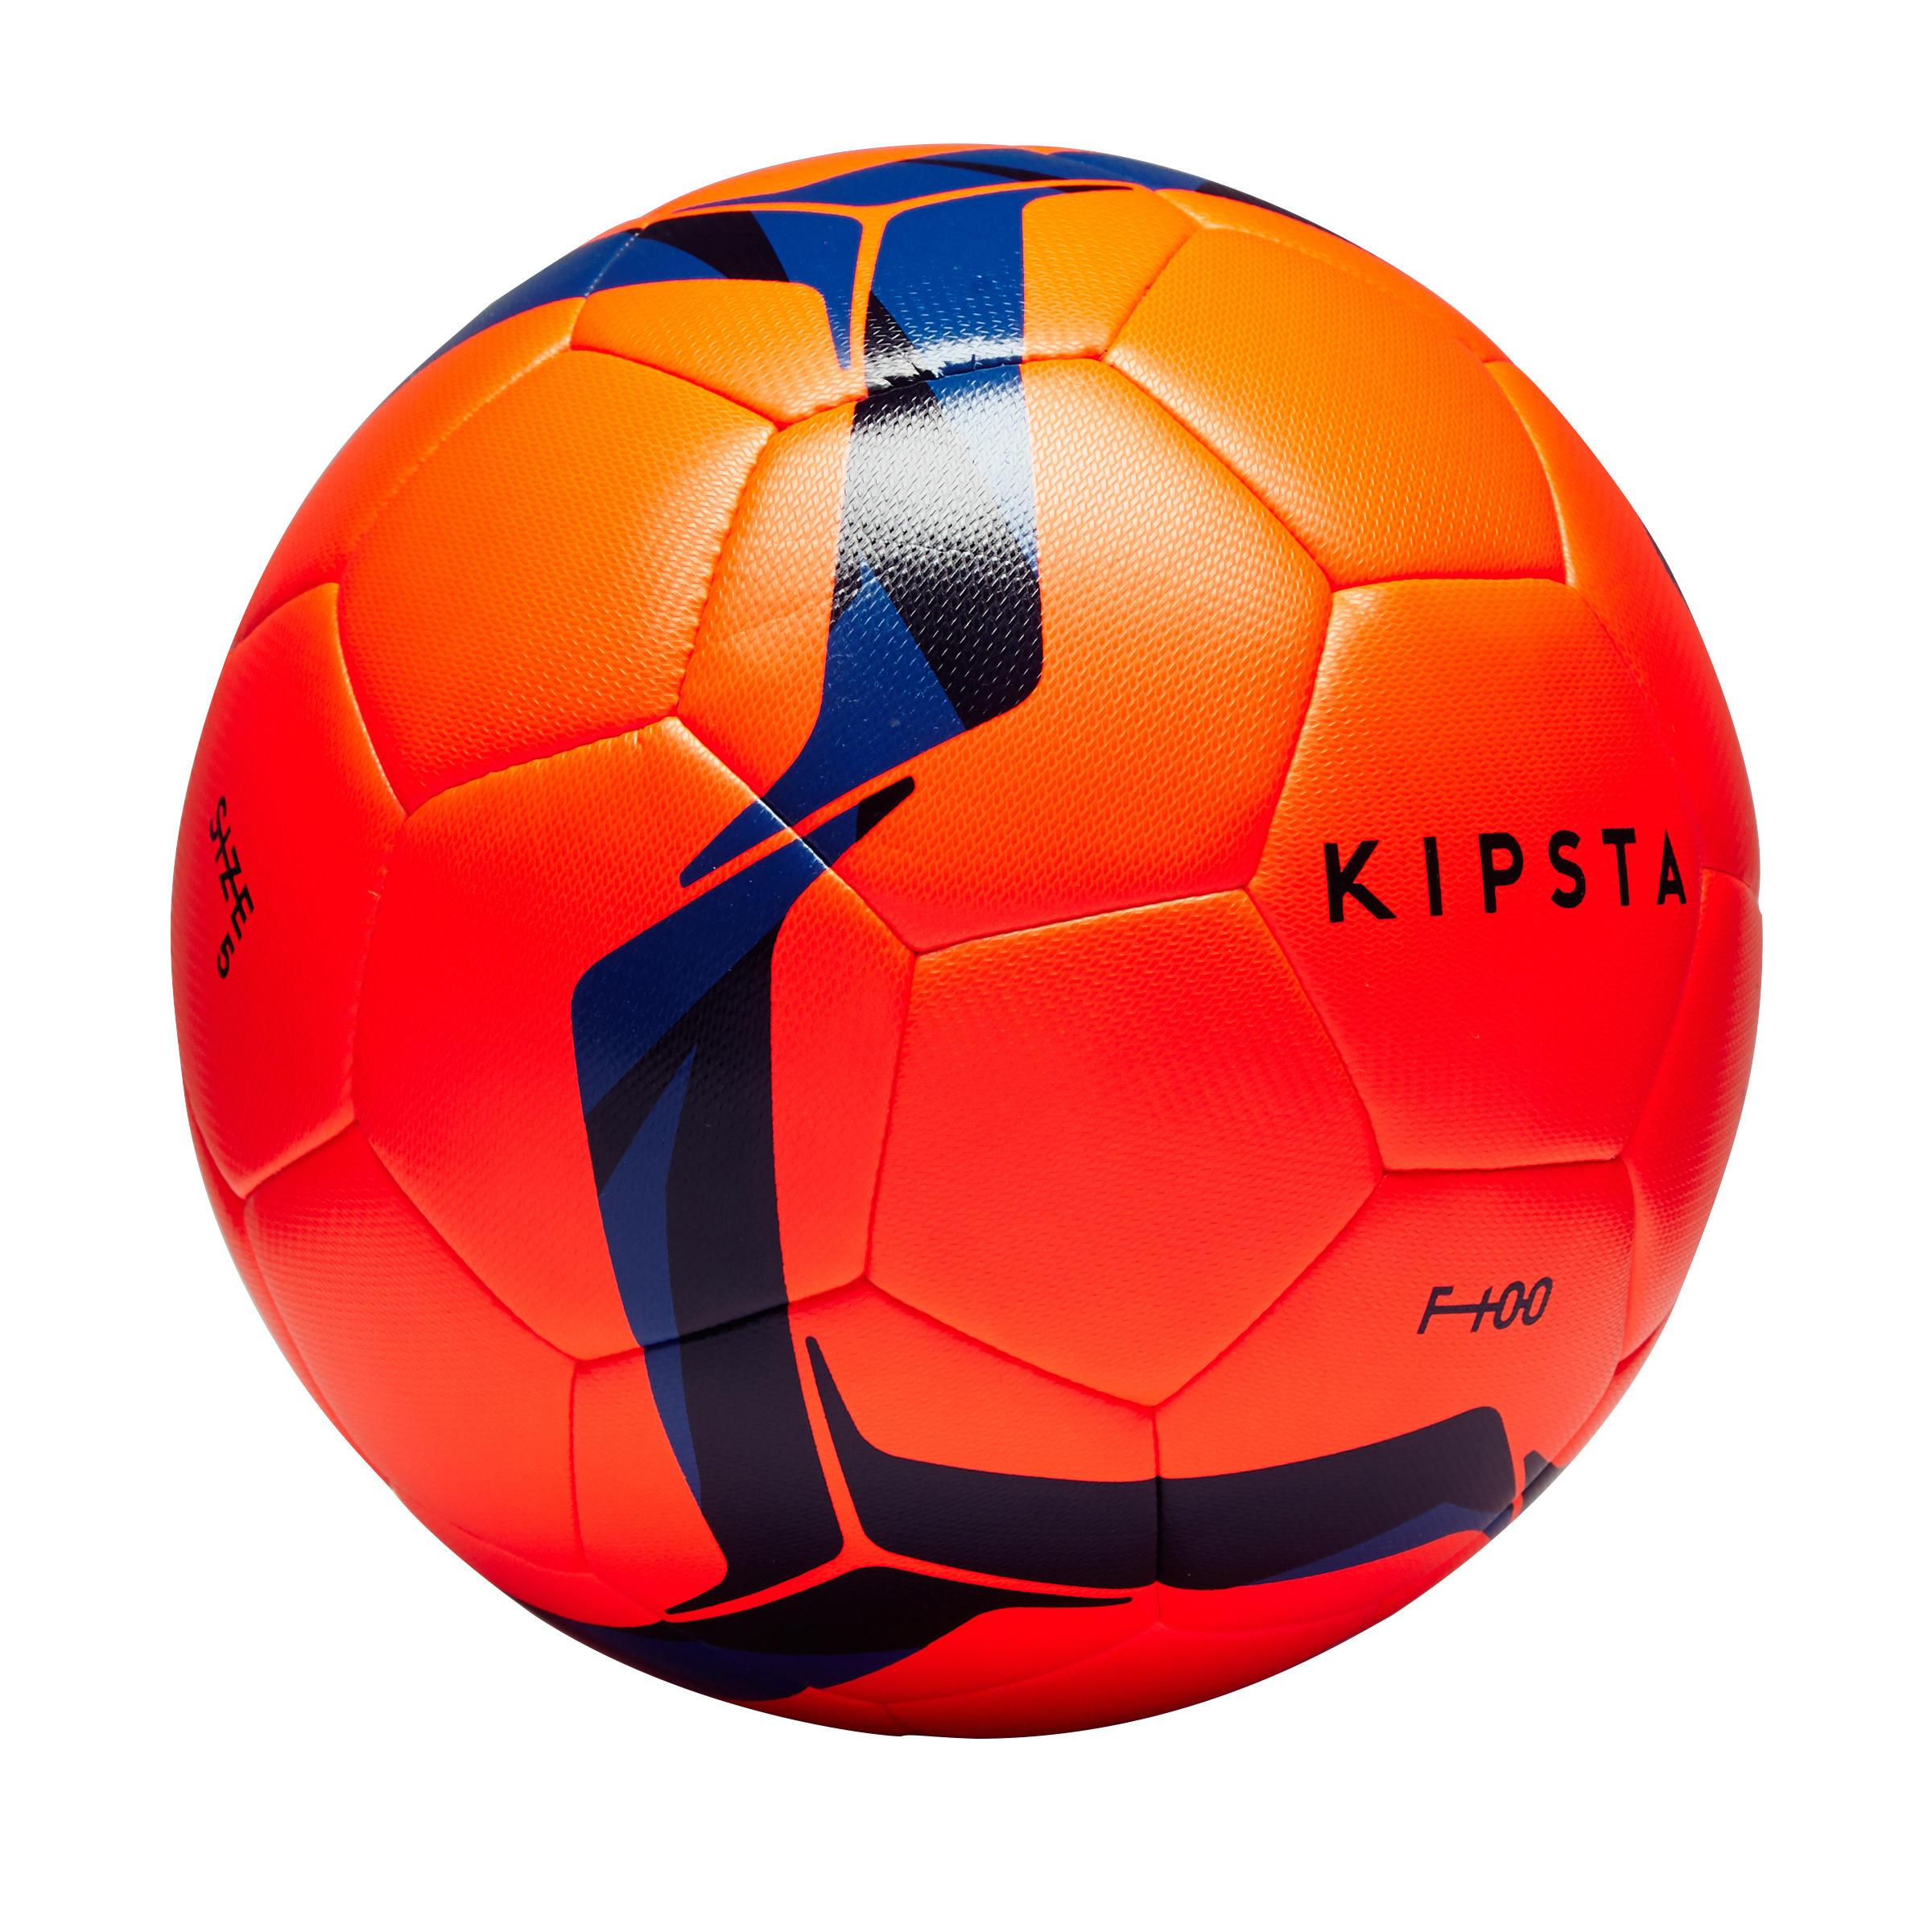 840a443836196 Balón de fútbol híbrido talla blanco kipsta decathlon jpg 700x700 Decathlon  caña alto taco fútbol